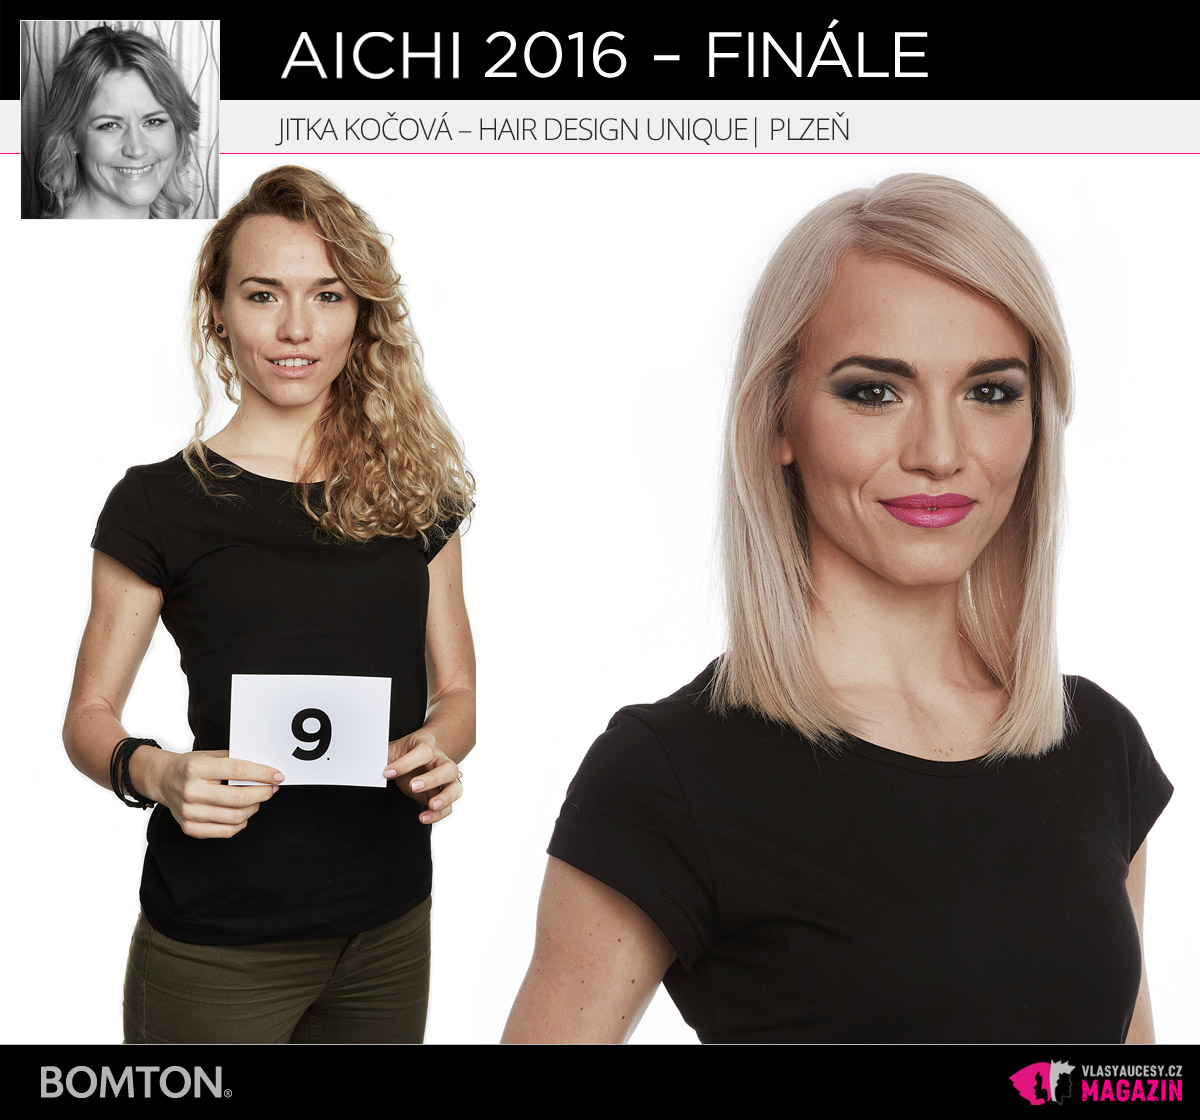 Jitka Kočová – Hair Design Unique, Plzeň | Proměny AICHI 2016 – postupující do finálového kola